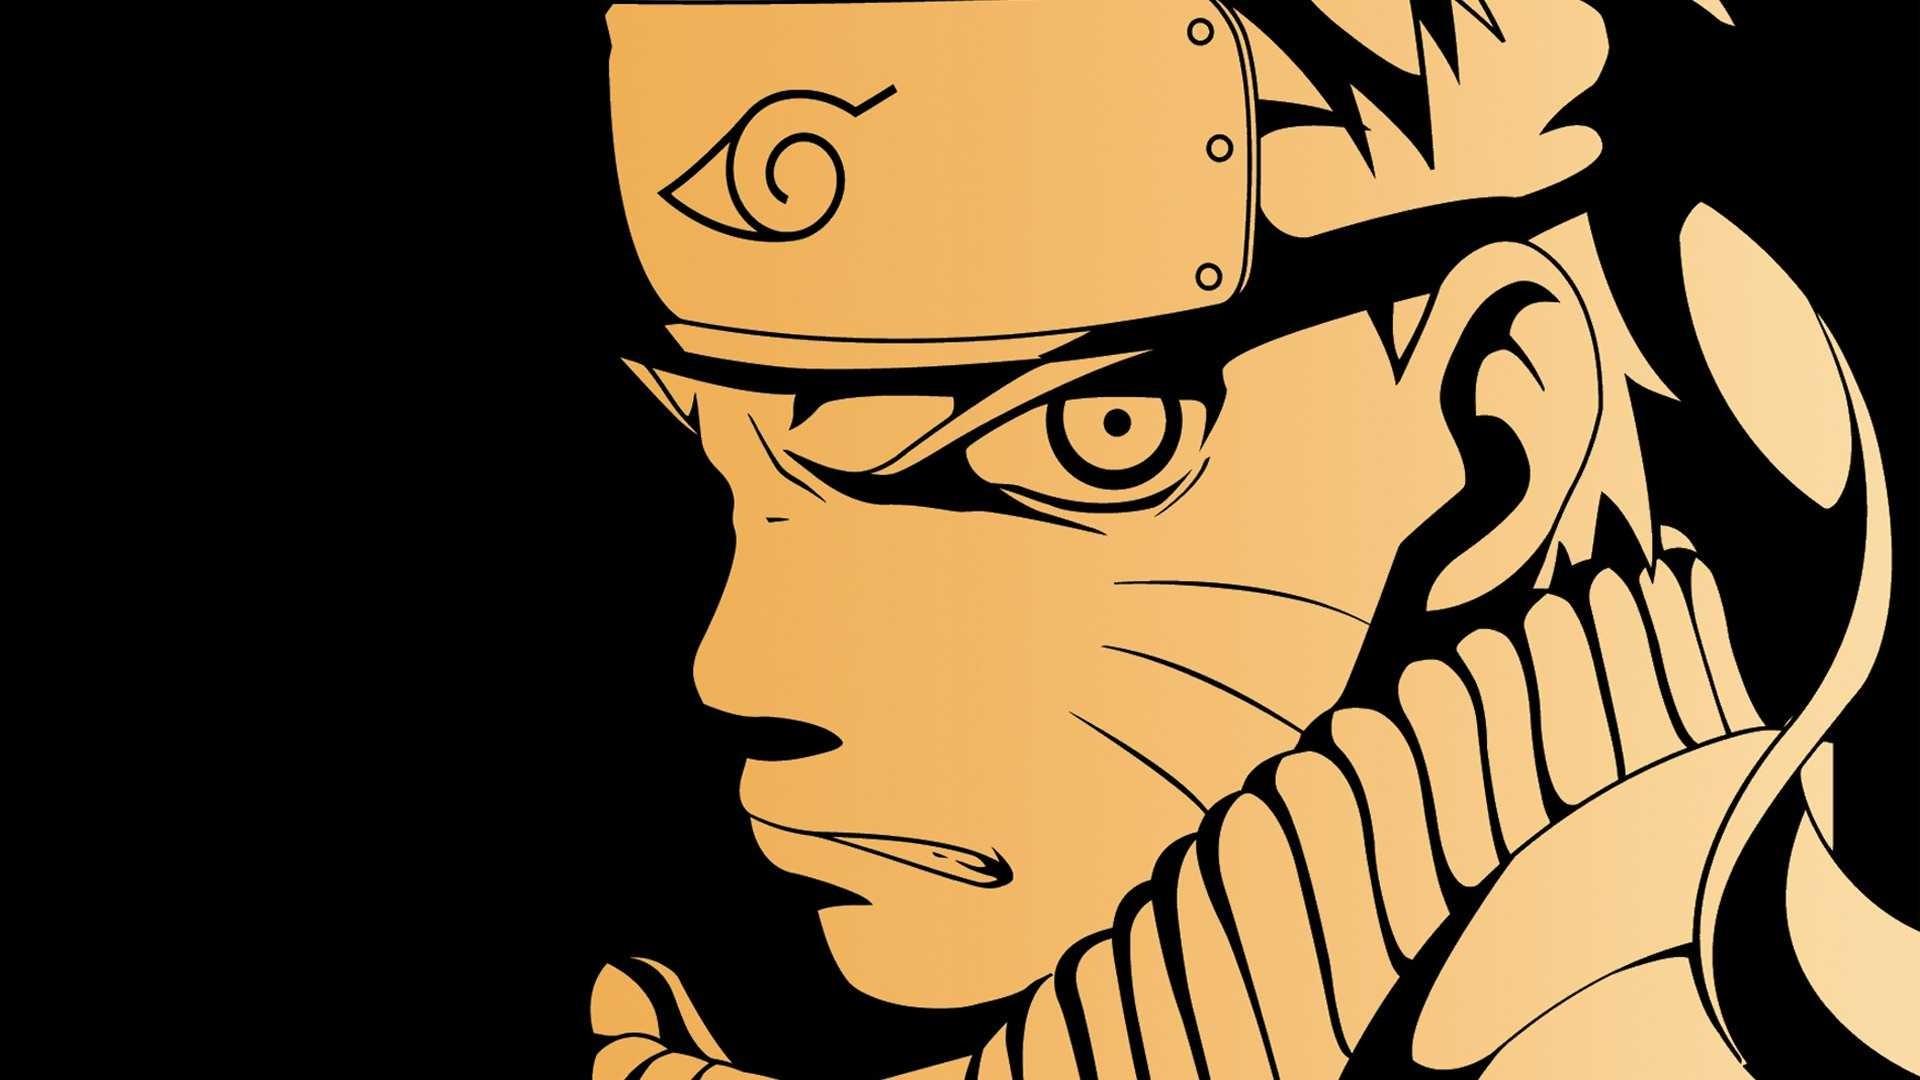 Naruto Sasuke Wallpapers on